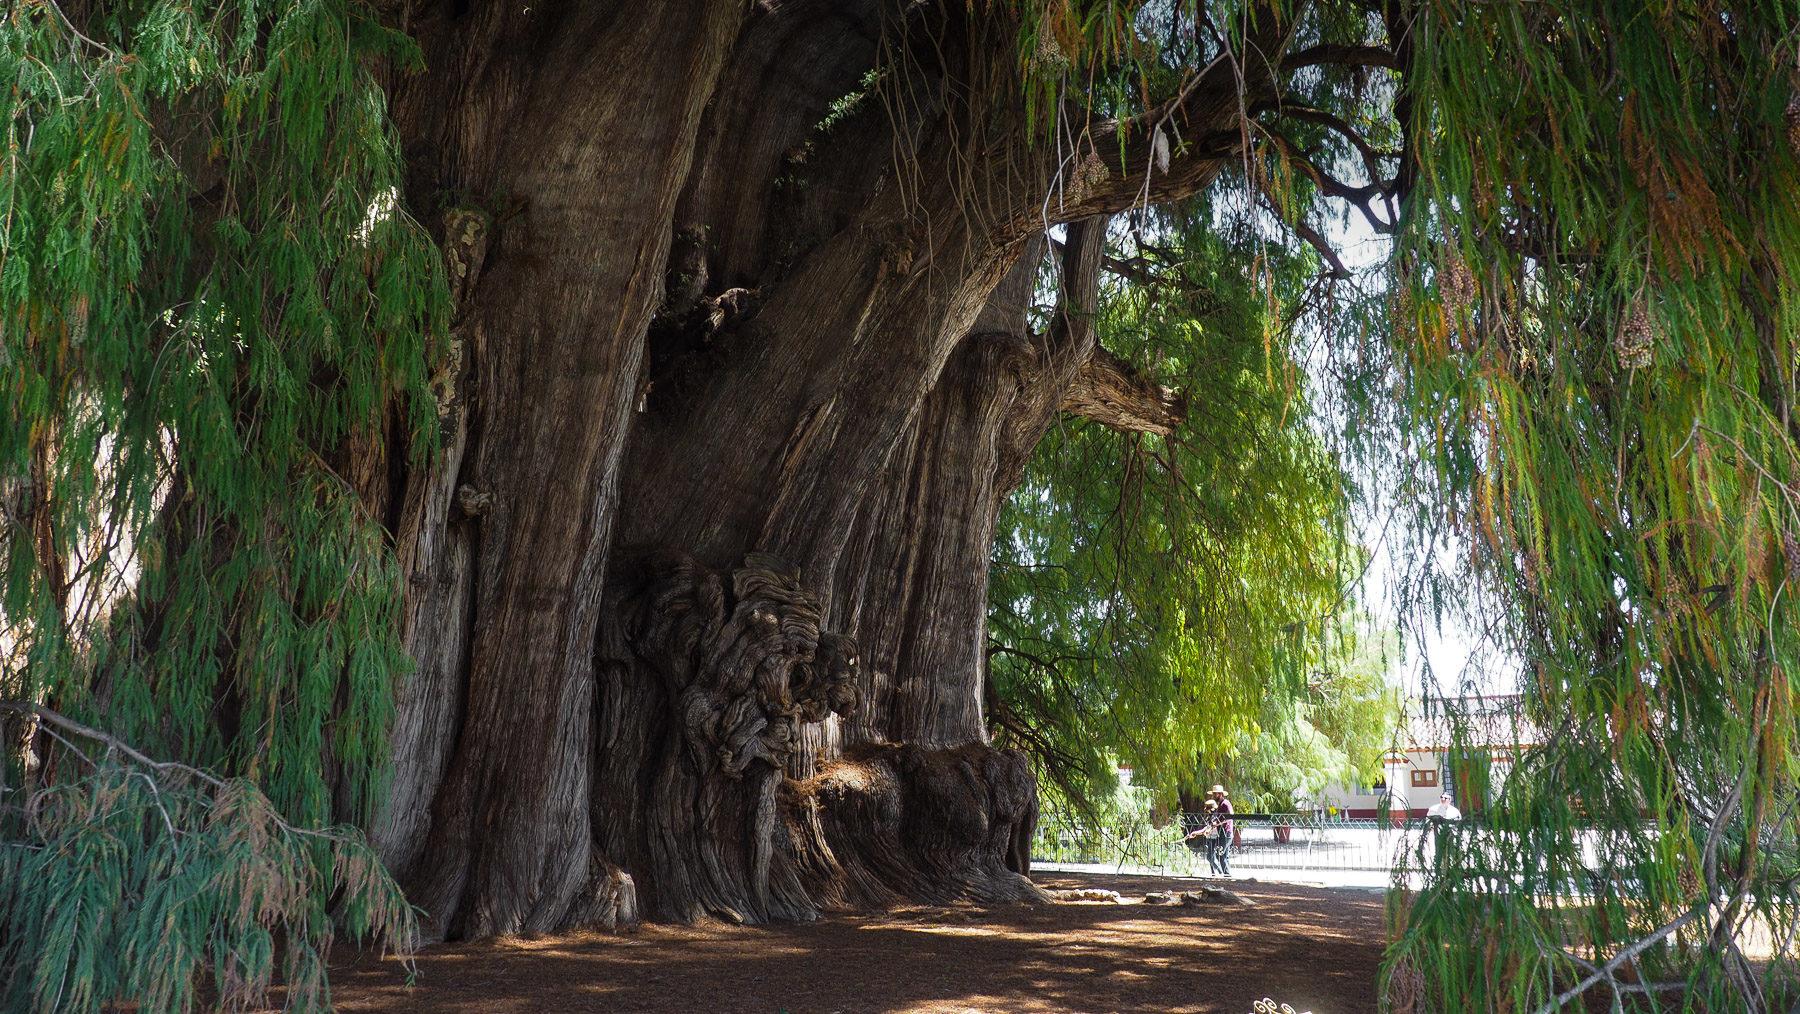 Der dickste Baum der Welt in Tule bei Oaxaca